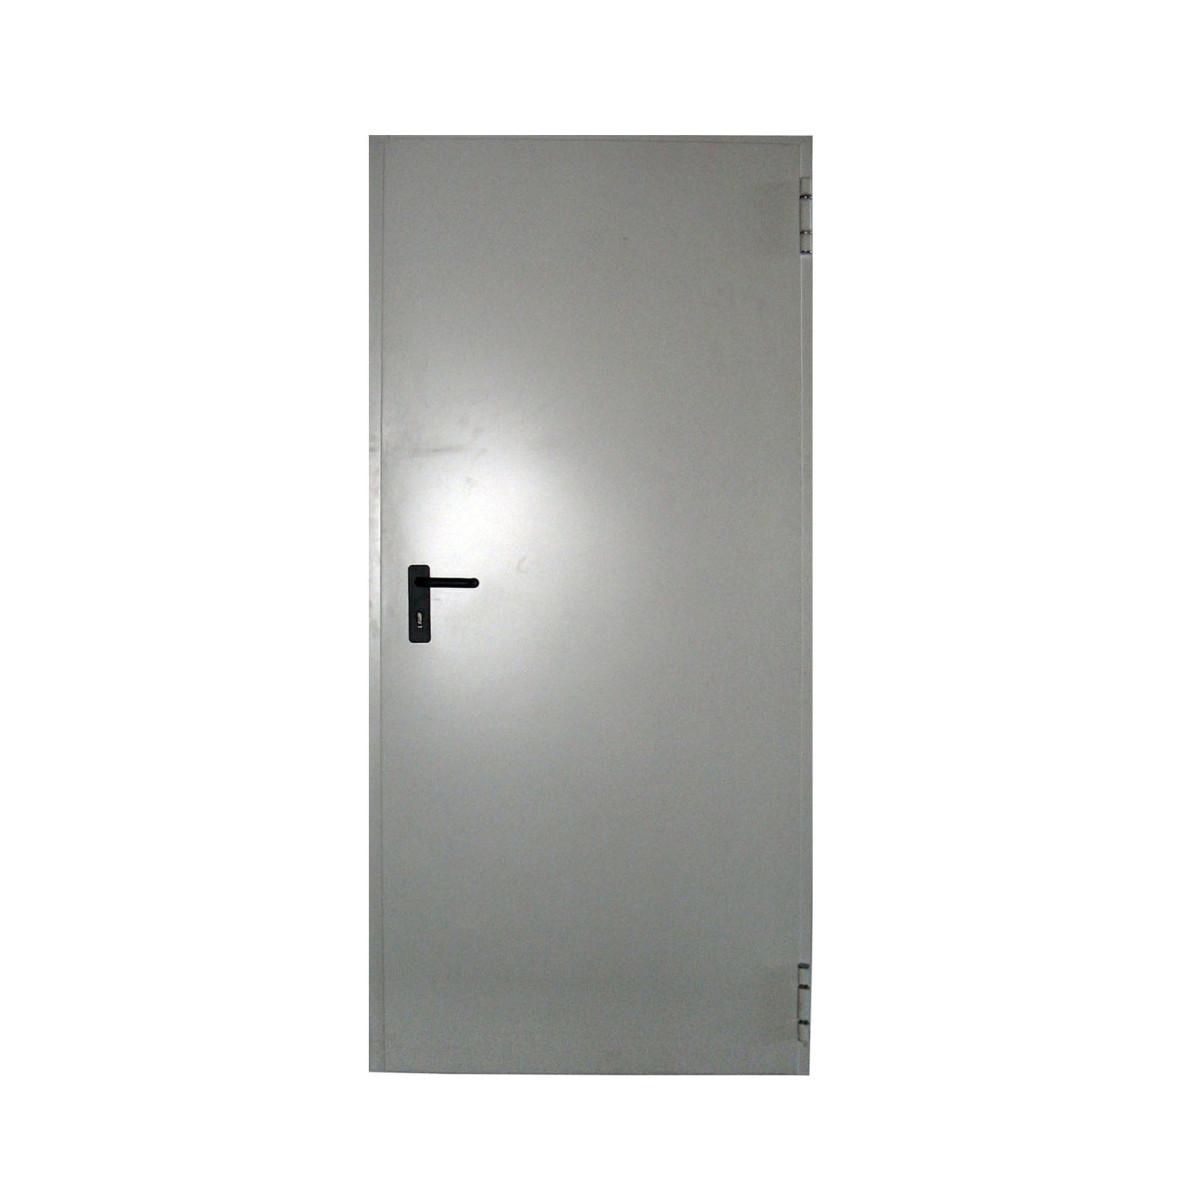 Prezzi trabattello acciaio zincato prezzi e negozi - Obi porte da interno ...